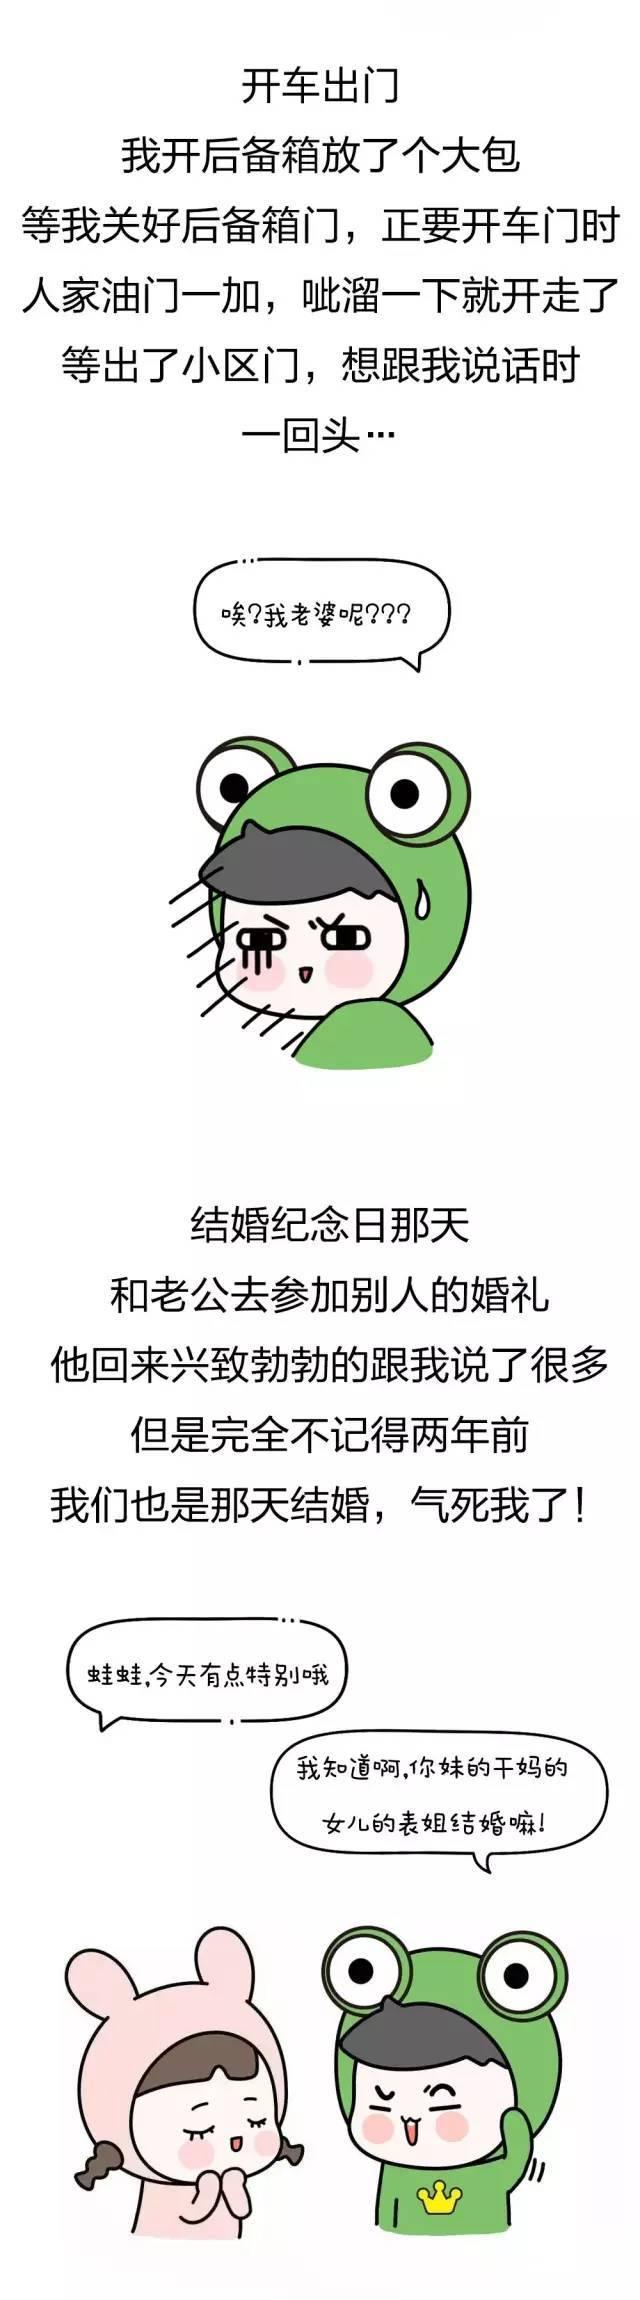 《我的前半生》袁泉造型简直就是职场穿衣指南!难怪与靳东配一脸